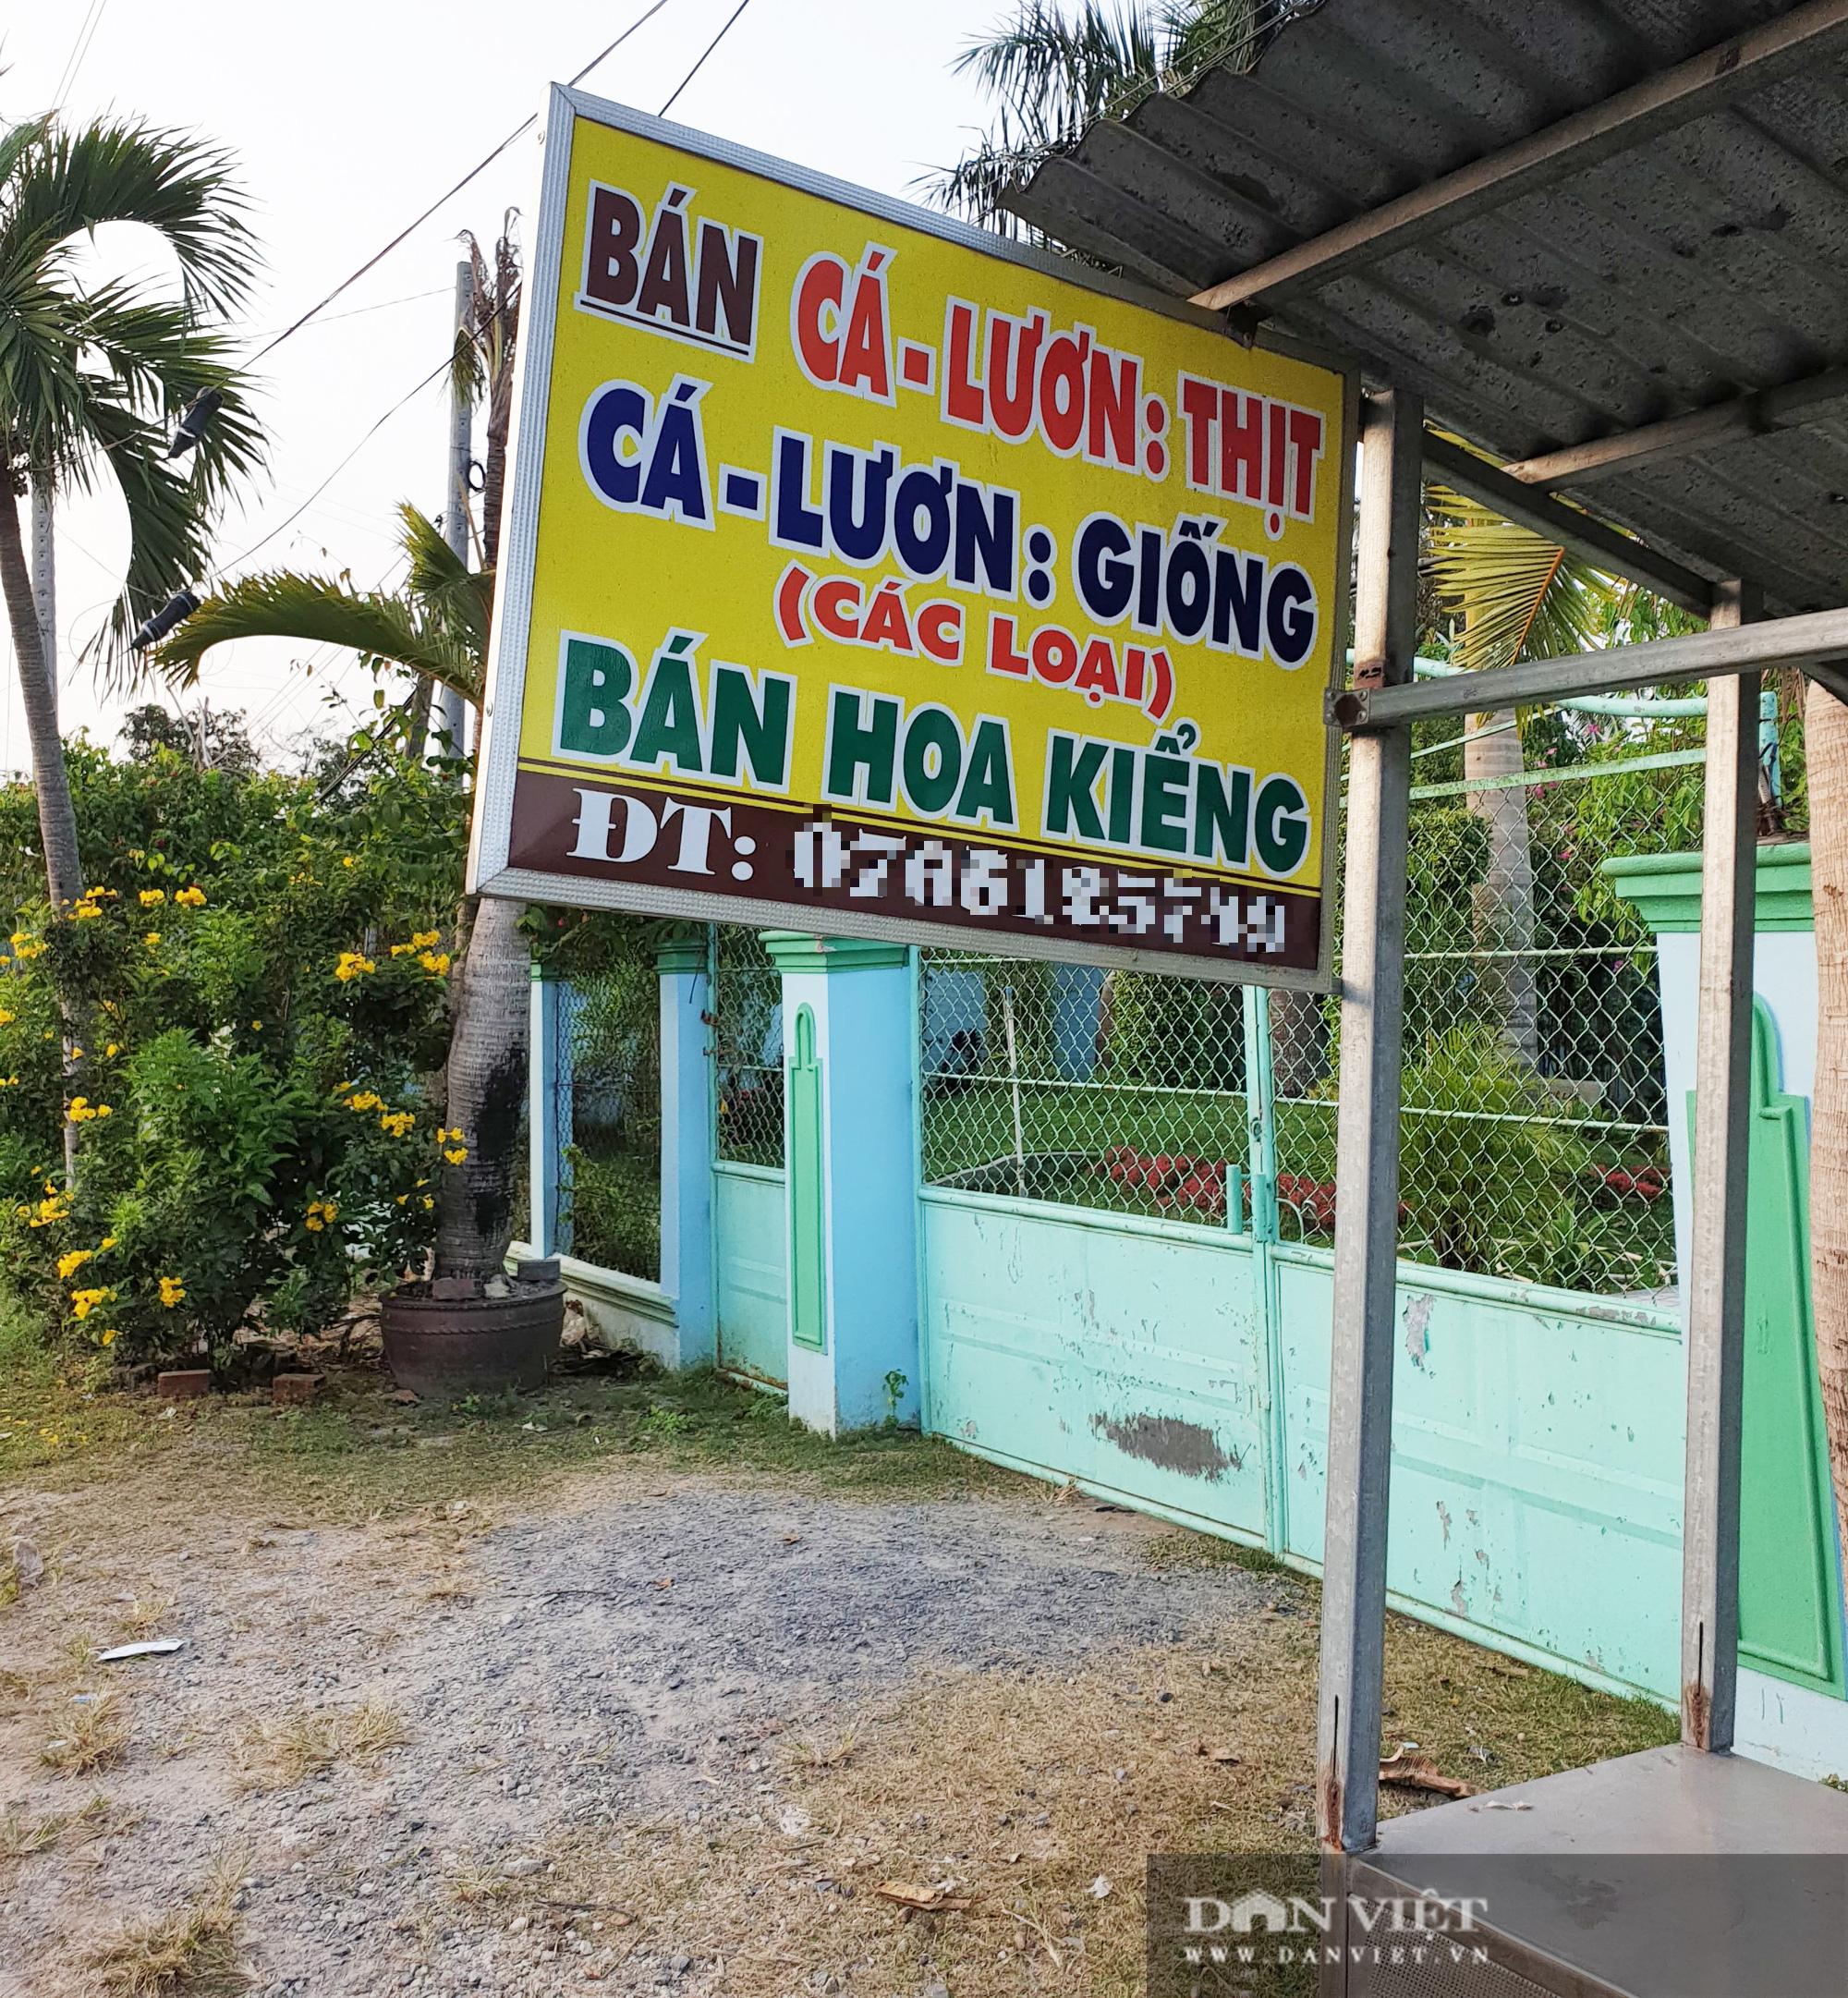 Bất ngờ phía sau quầy bán lươn của một nông dân Vĩnh Long là căn nhà 5 tỷ, thiết kế như chiếc du thuyền - Ảnh 1.